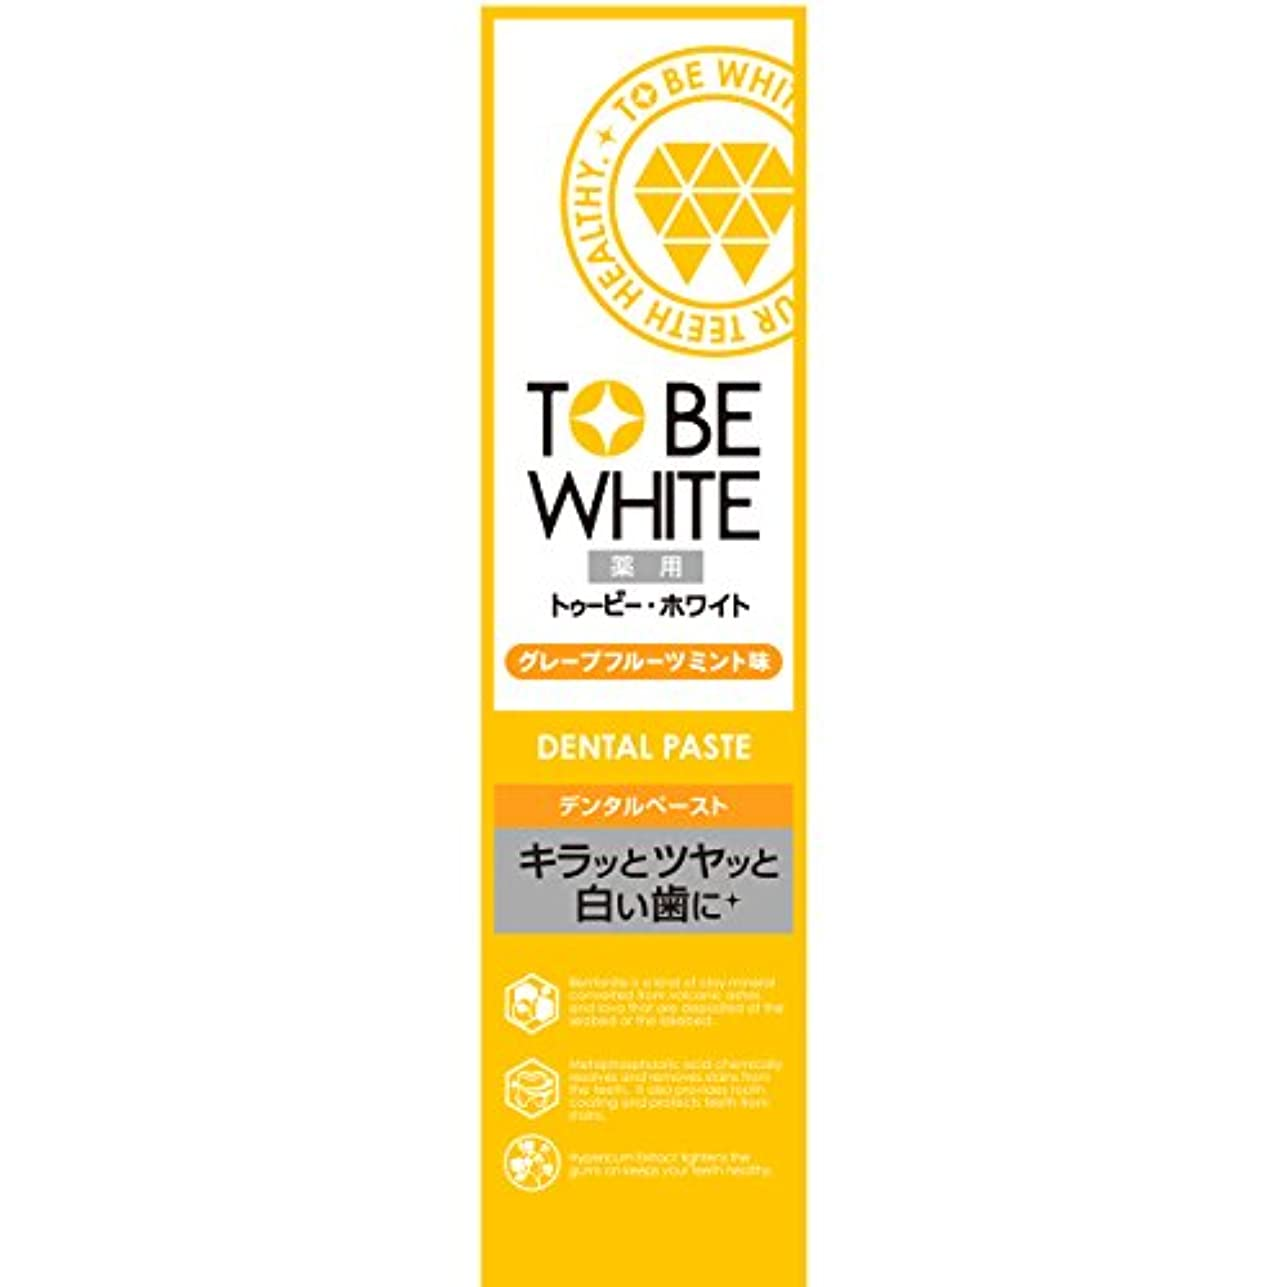 歯科医技術のぞき穴トゥービー?ホワイト 薬用 ホワイトニング ハミガキ粉 グレープフルーツミント 味 60g 【医薬部外品】